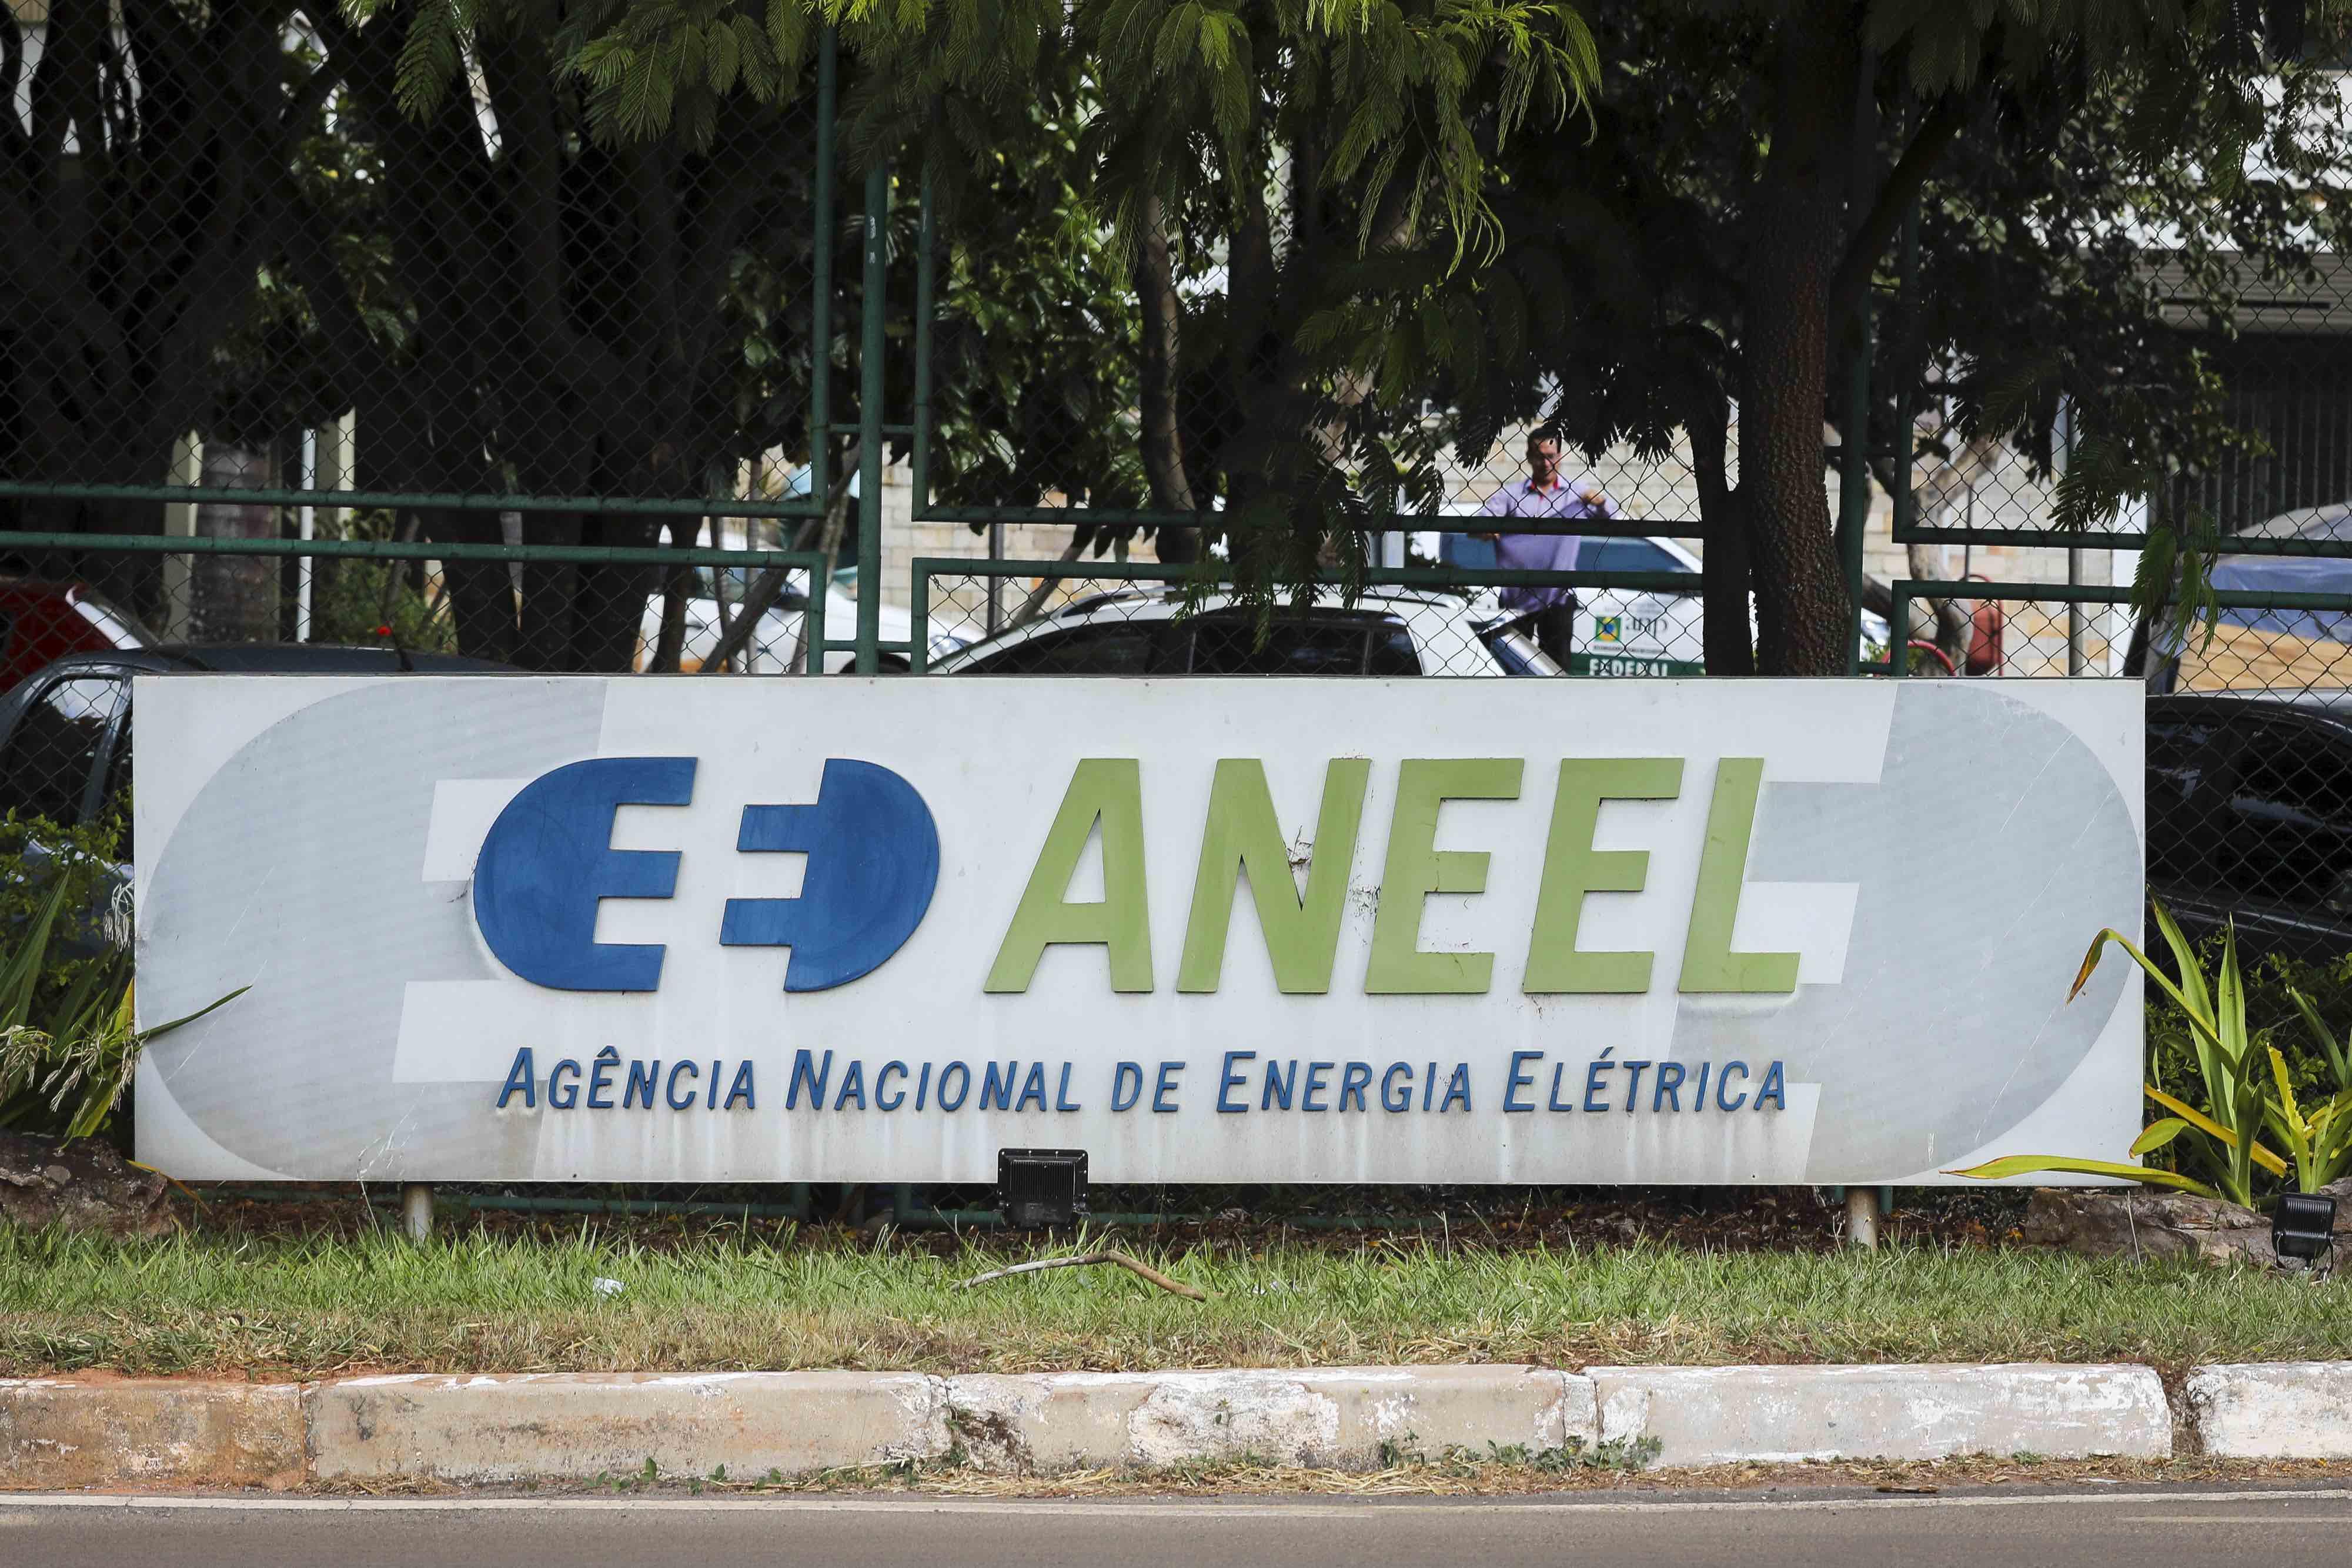 Suspensa decisão que interferiu na remuneração das distribuidoras de energia elétrica